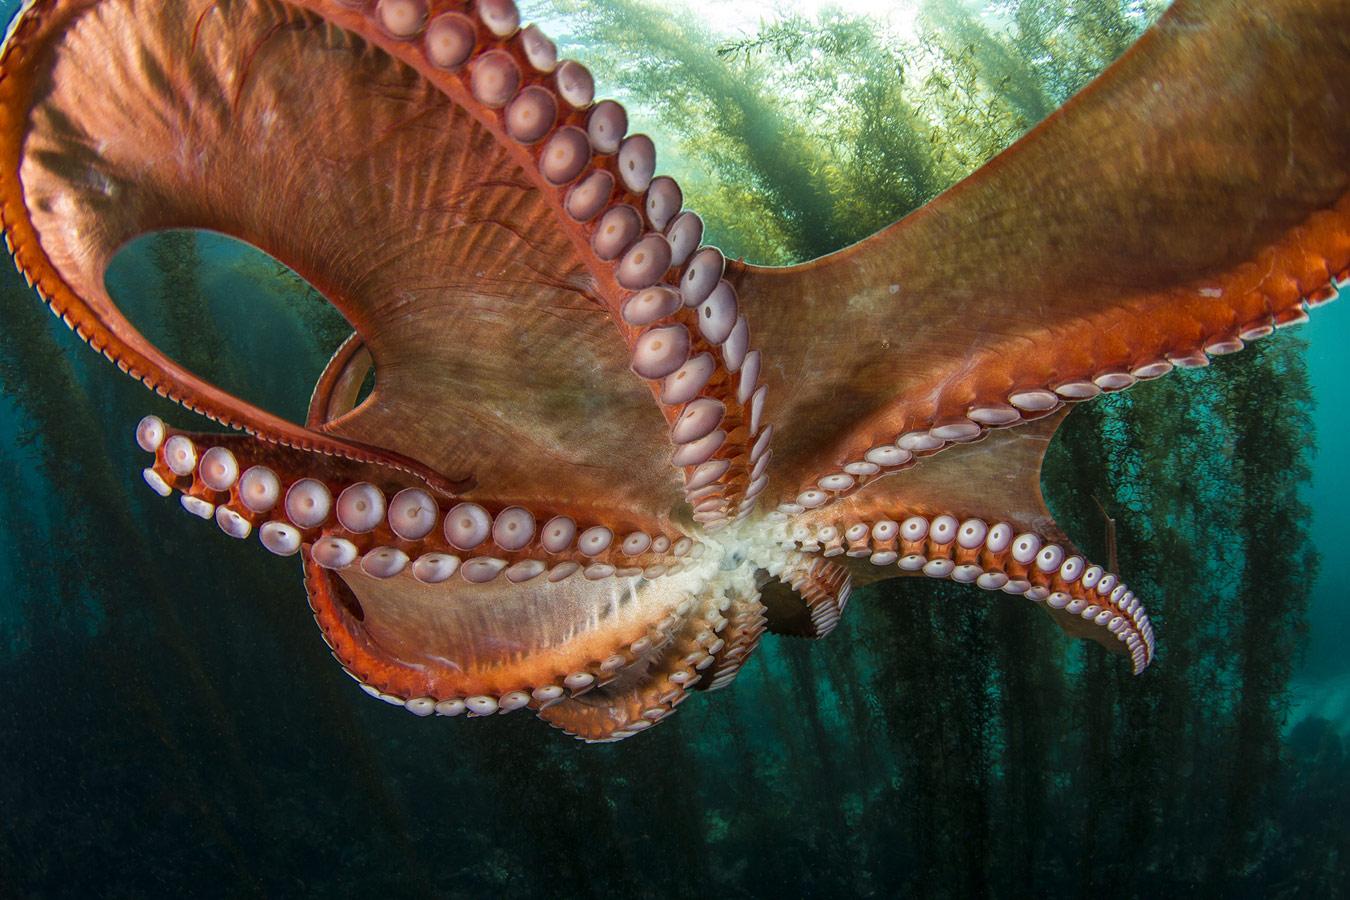 Тору Касуя / Toru Kasuya, Канагава, Япония, Победитель в категории «Океан», Фотоконкурс «Лучшая природная фотография Азии» — Nature's Best Photography Asia